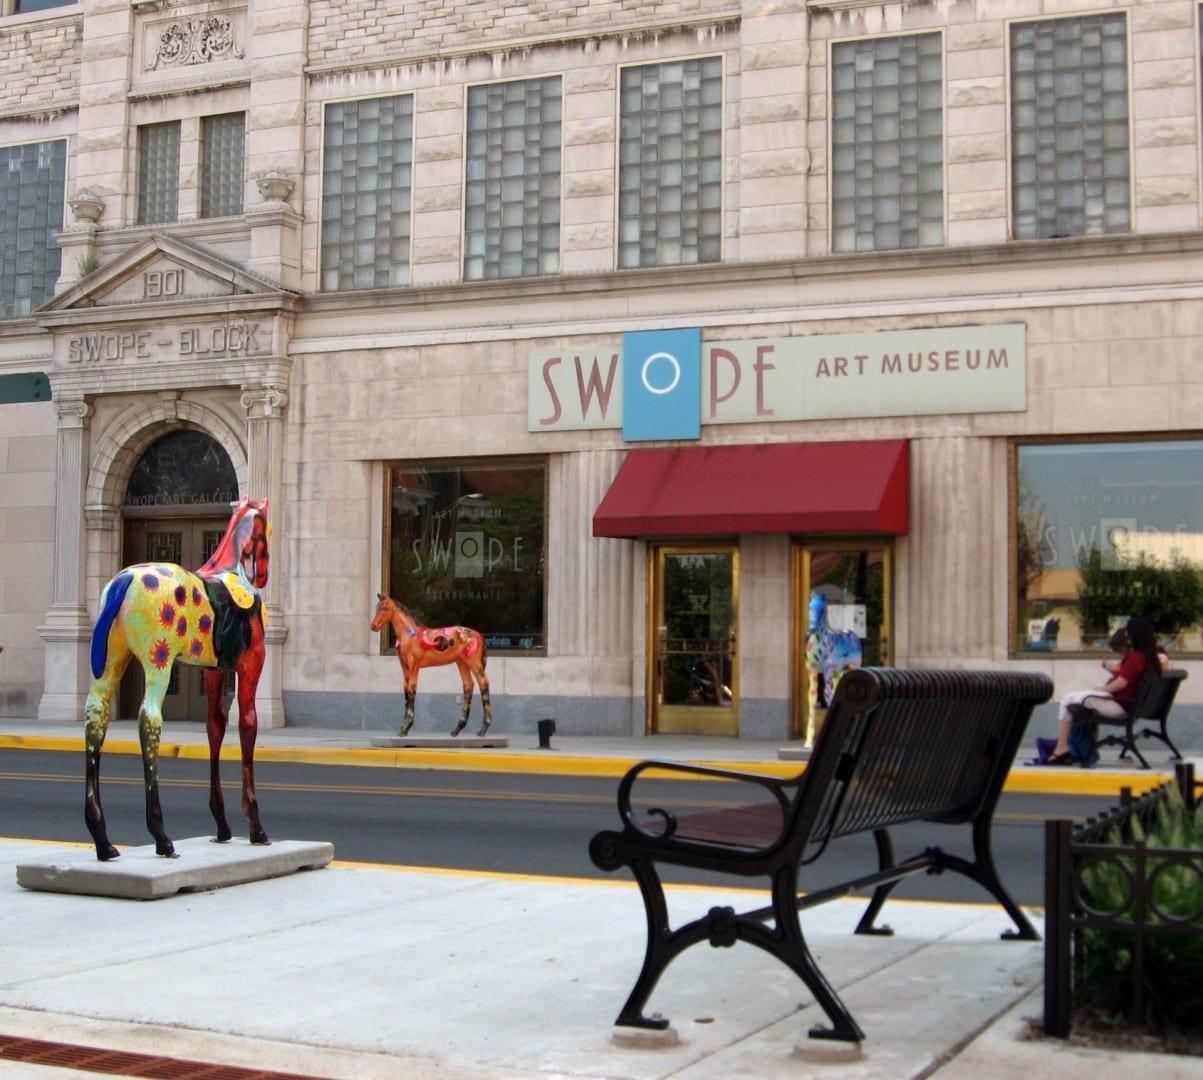 Museo de Arte Swope Terre Haute IN Estados Unidos